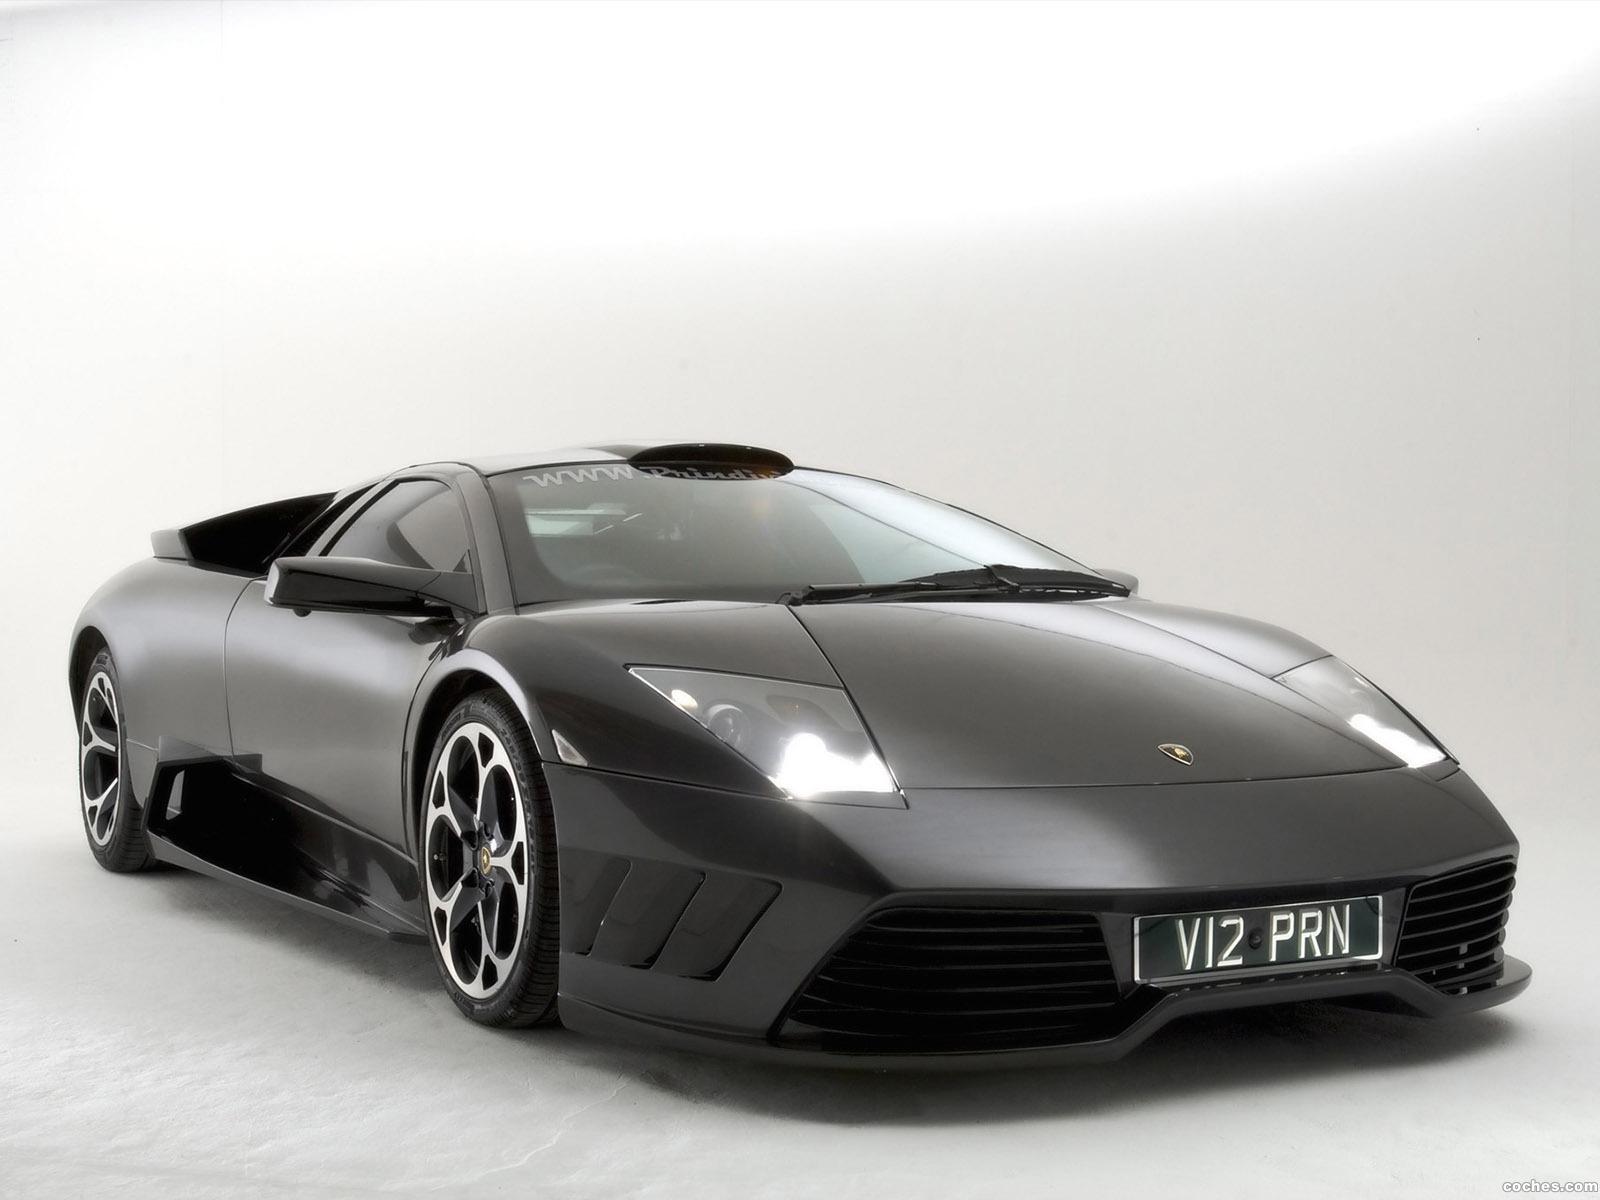 Foto 0 de Lamborghini Murcielago by Prindiville 2009